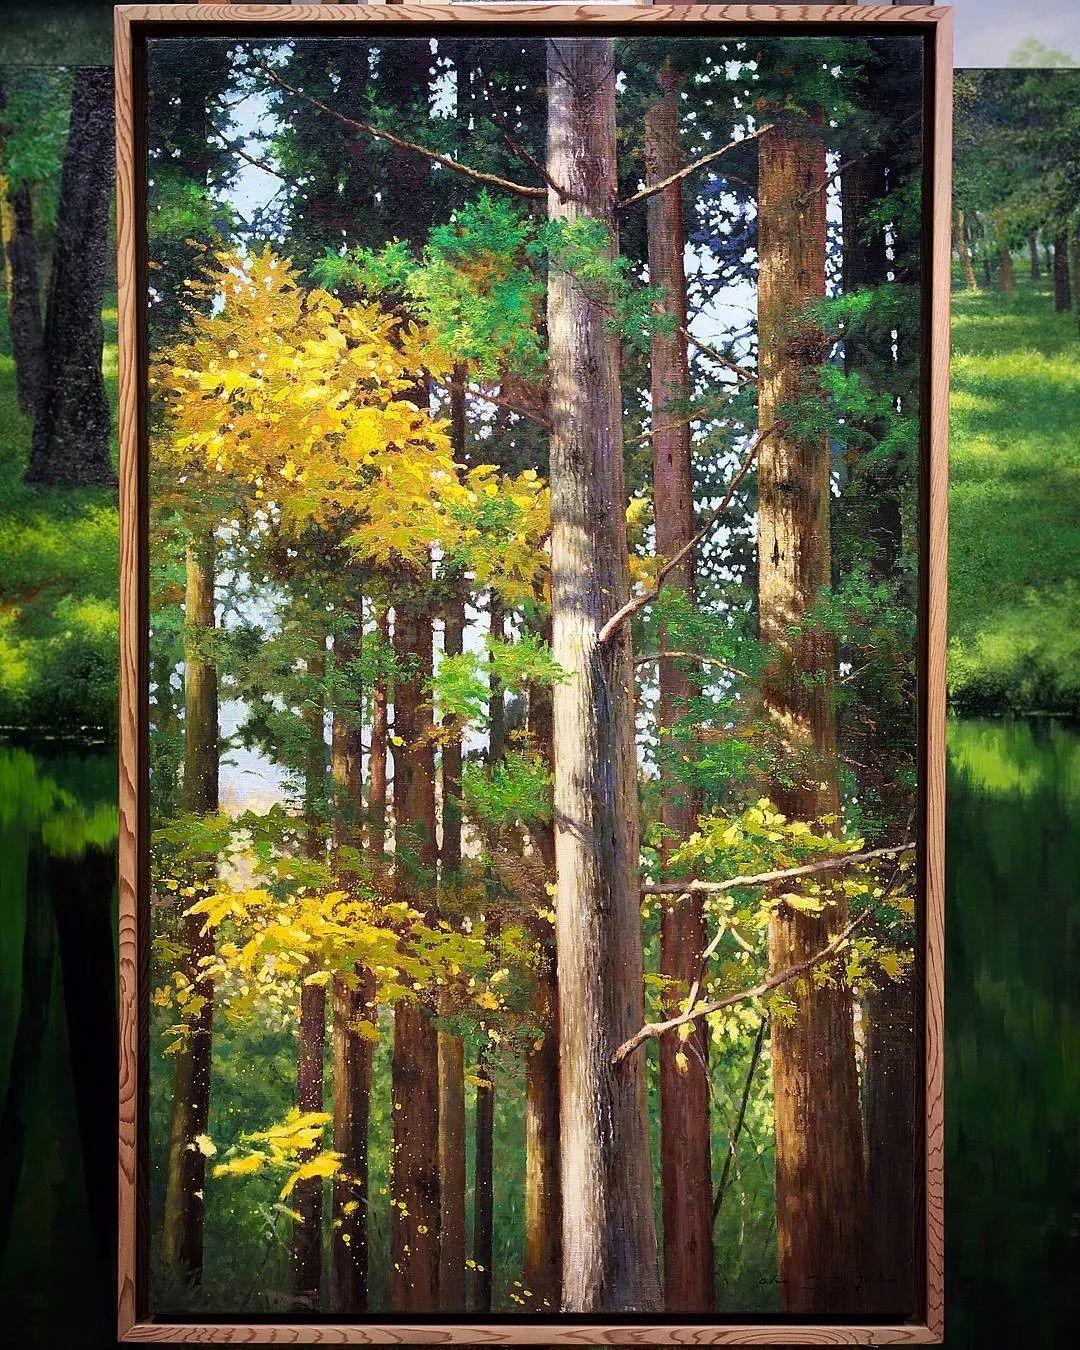 他沉迷于画树林,超逼真,看了让人身临其境!插图37